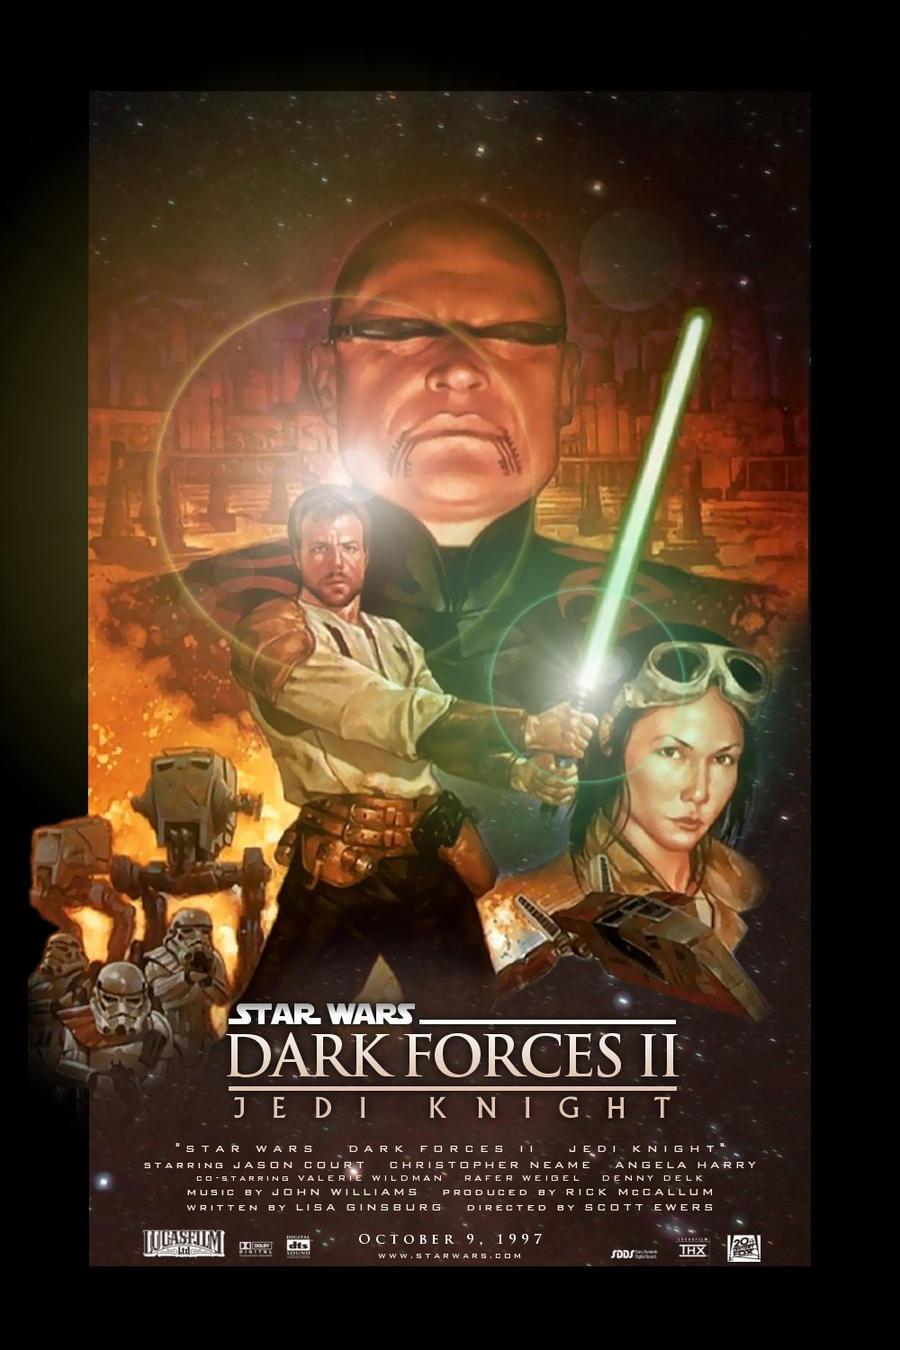 Star Wars: Dark Forces II: Jedi Knight